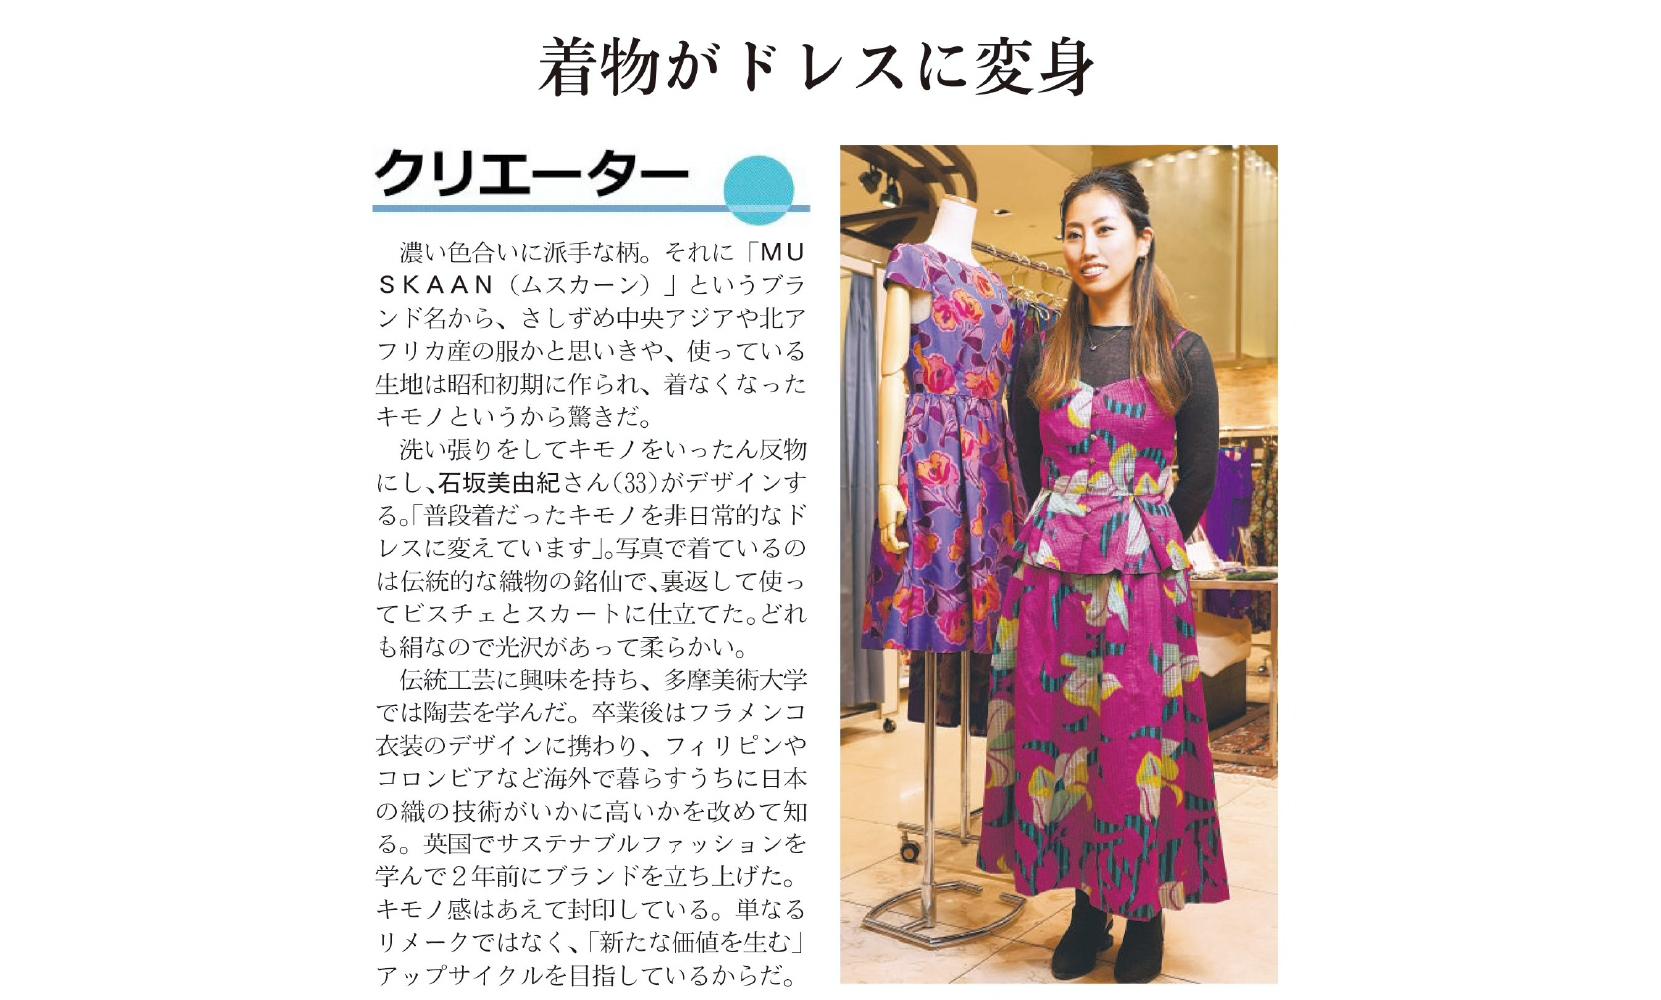 【新聞掲載】日経MJ 2021年4月5日発行